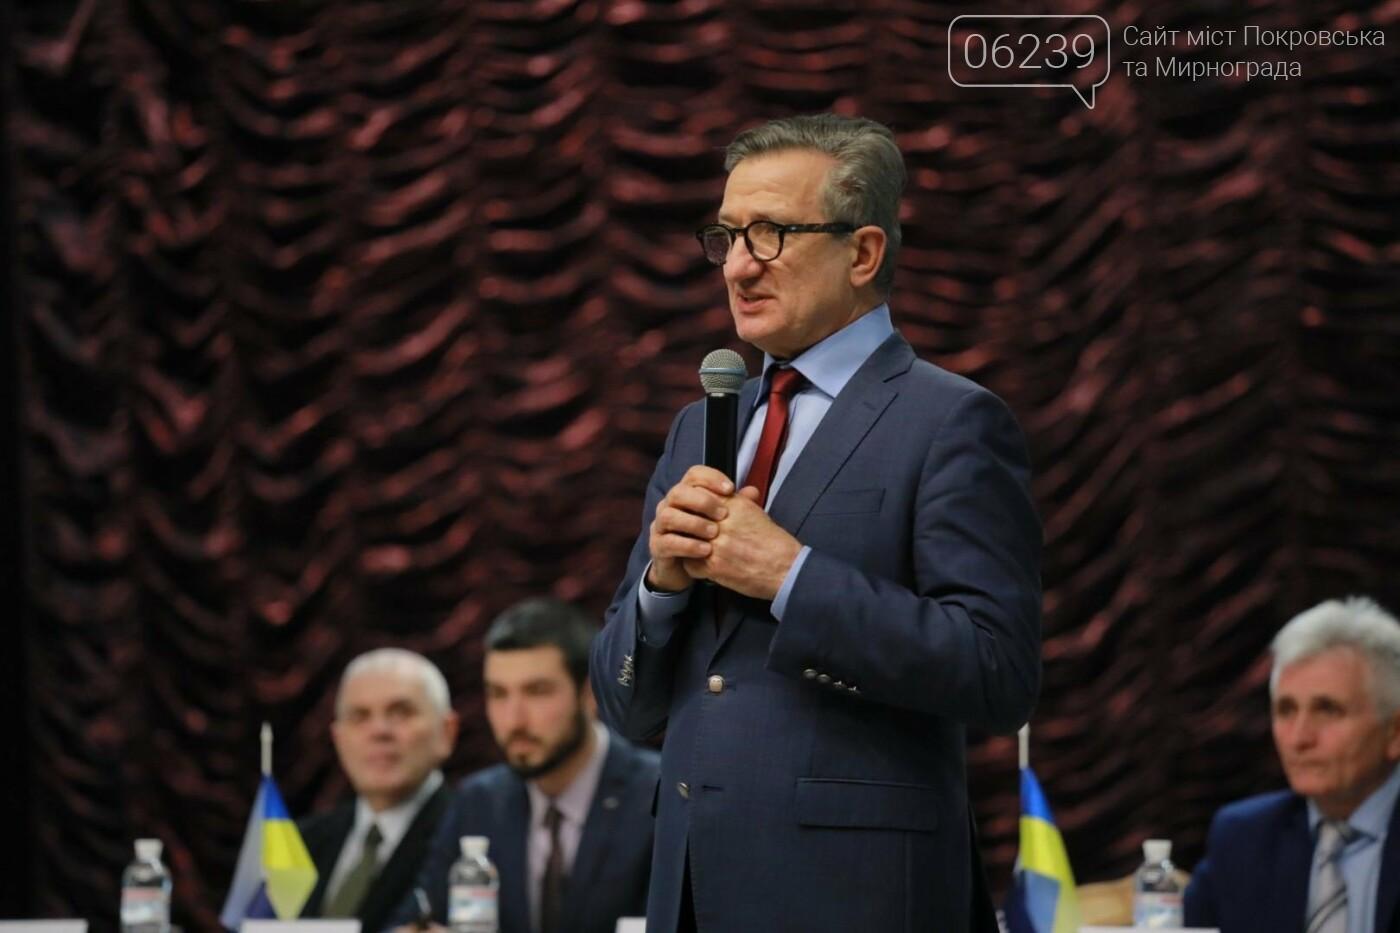 Кандидат на пост Президента Украины Сергей Тарута посетил Покровск, фото-6